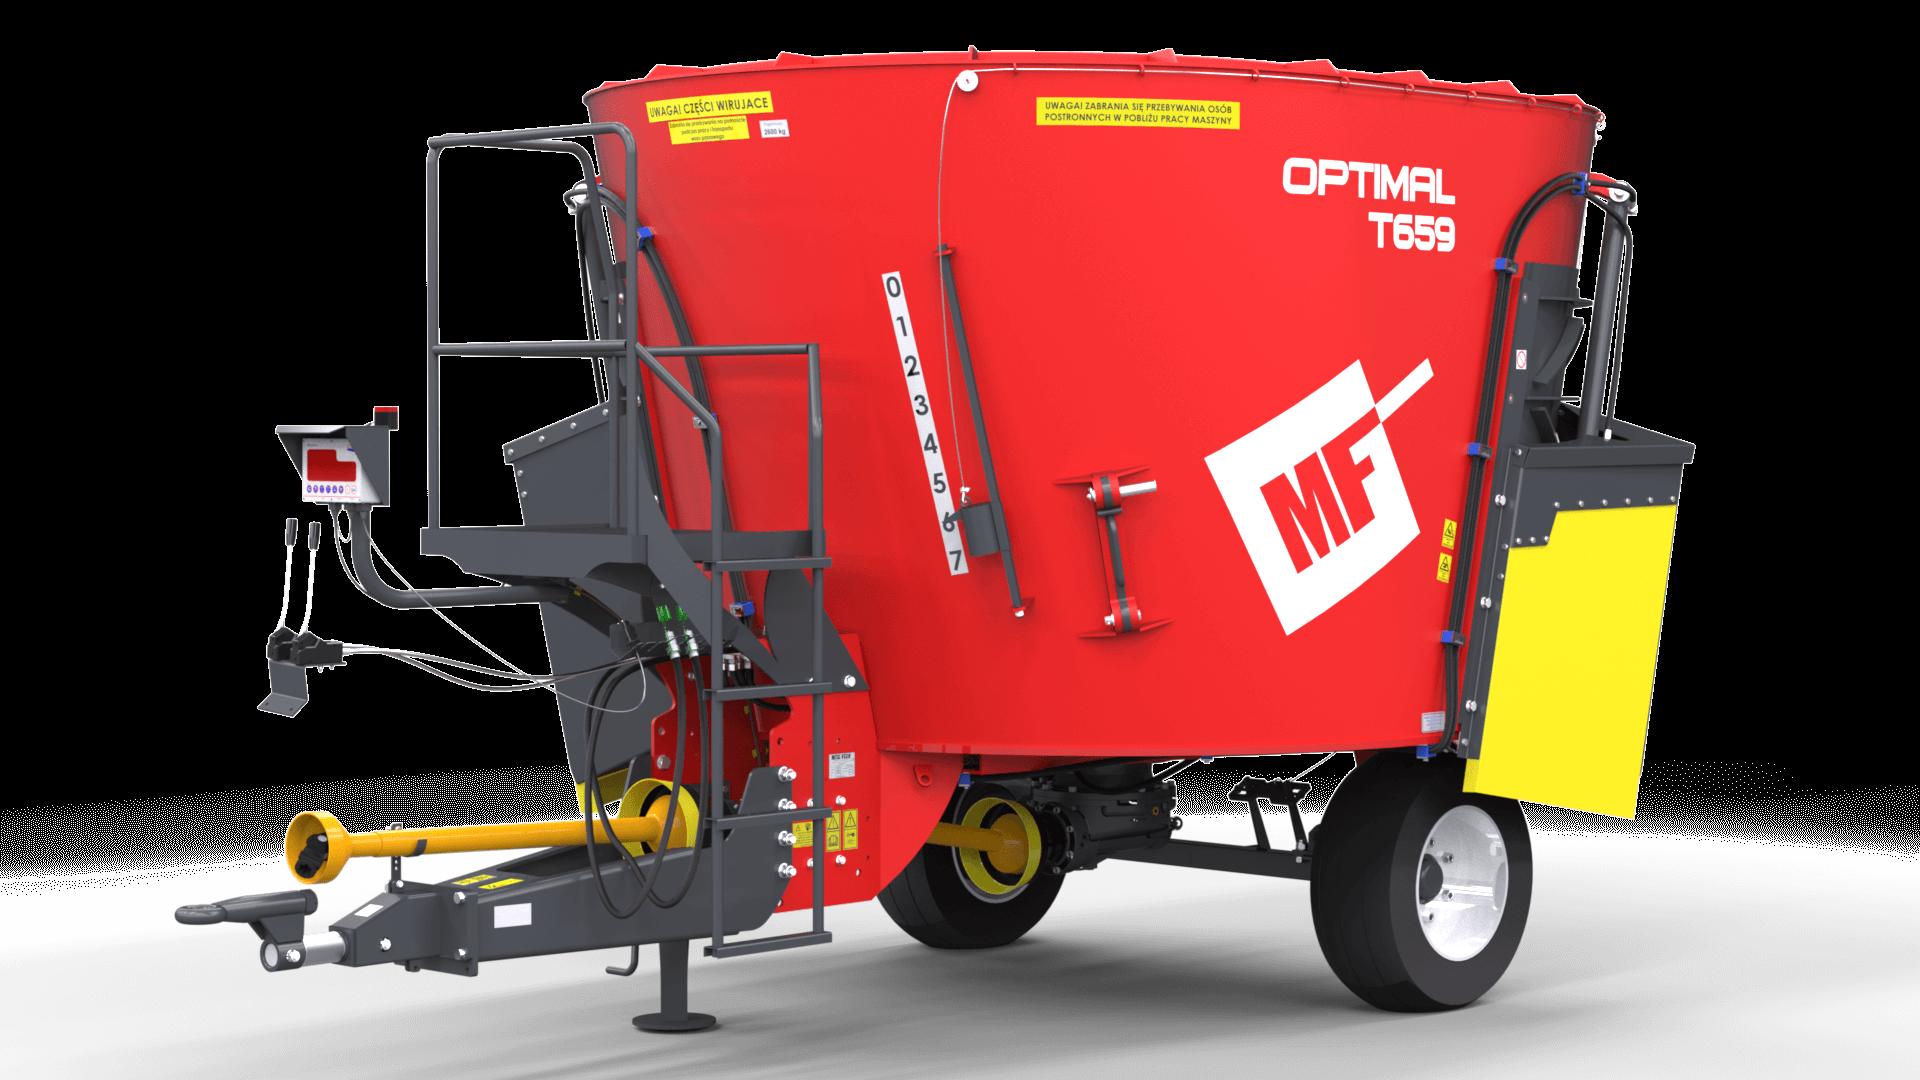 Wóz paszowy jednowirnikowy T659 OPTIMAL z podestem 8m3 Metal-Fach